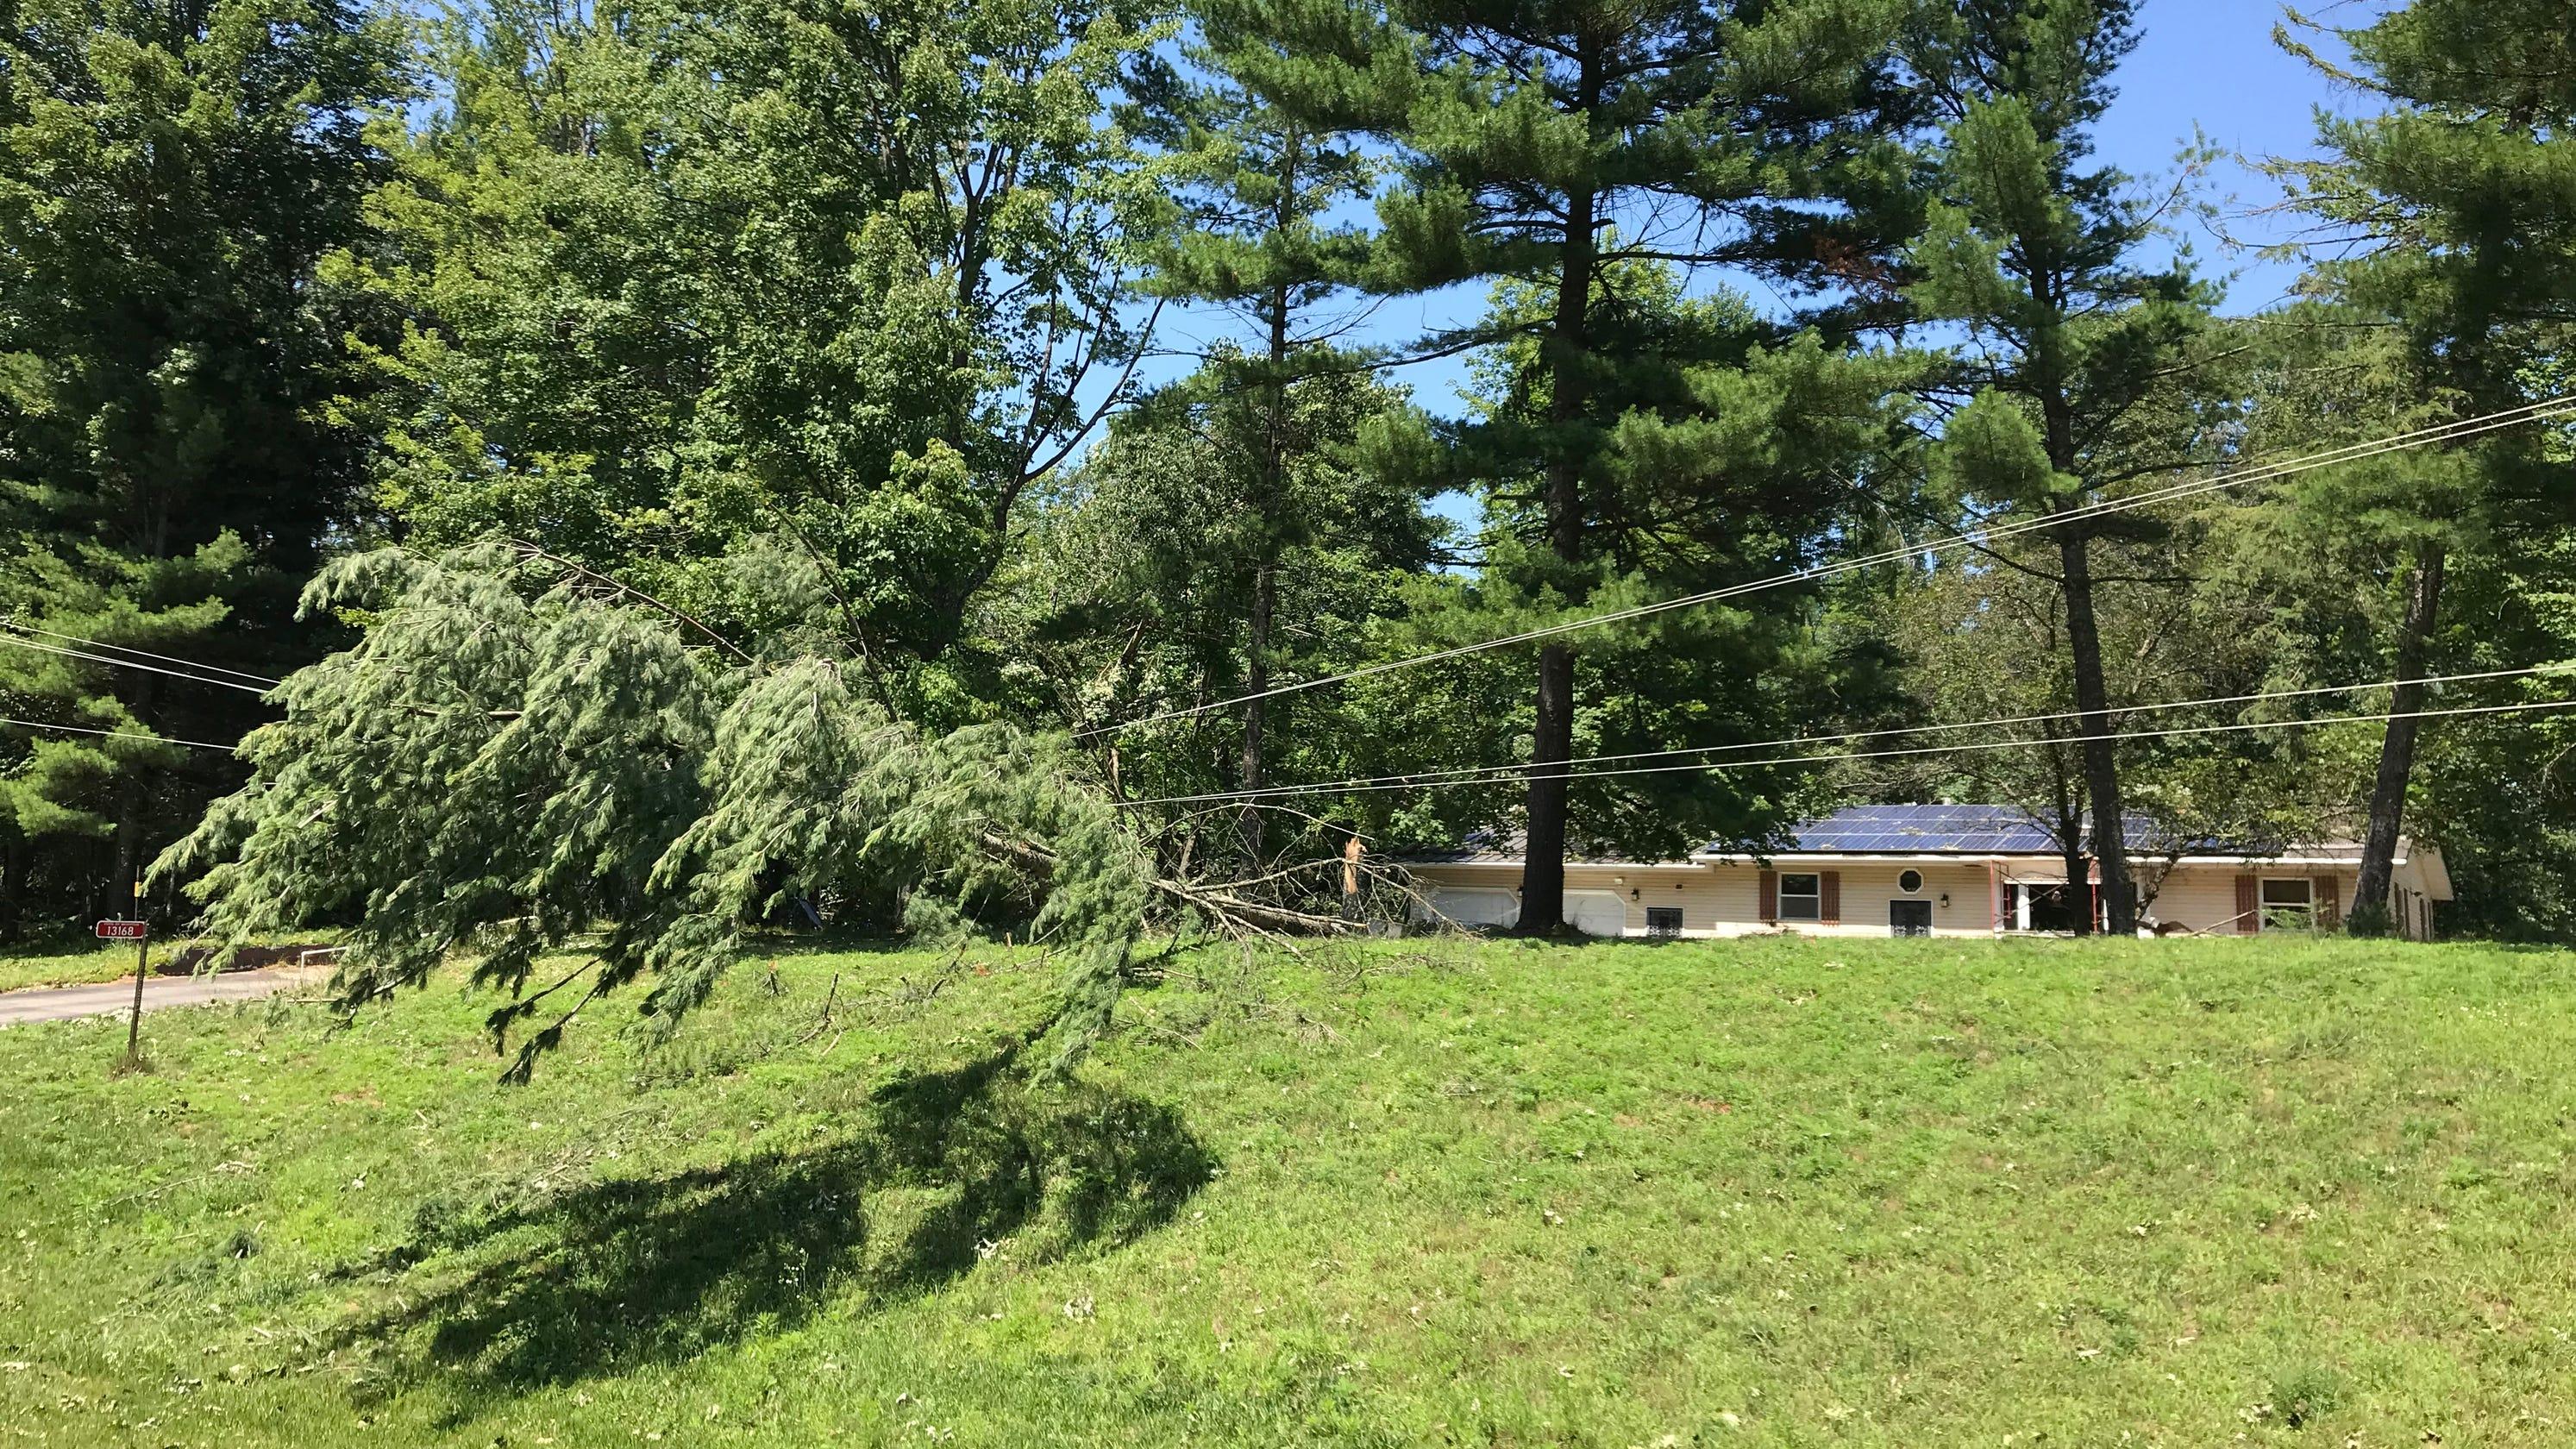 Wisconsin weather: Man dies clearing storm debris in Oconto